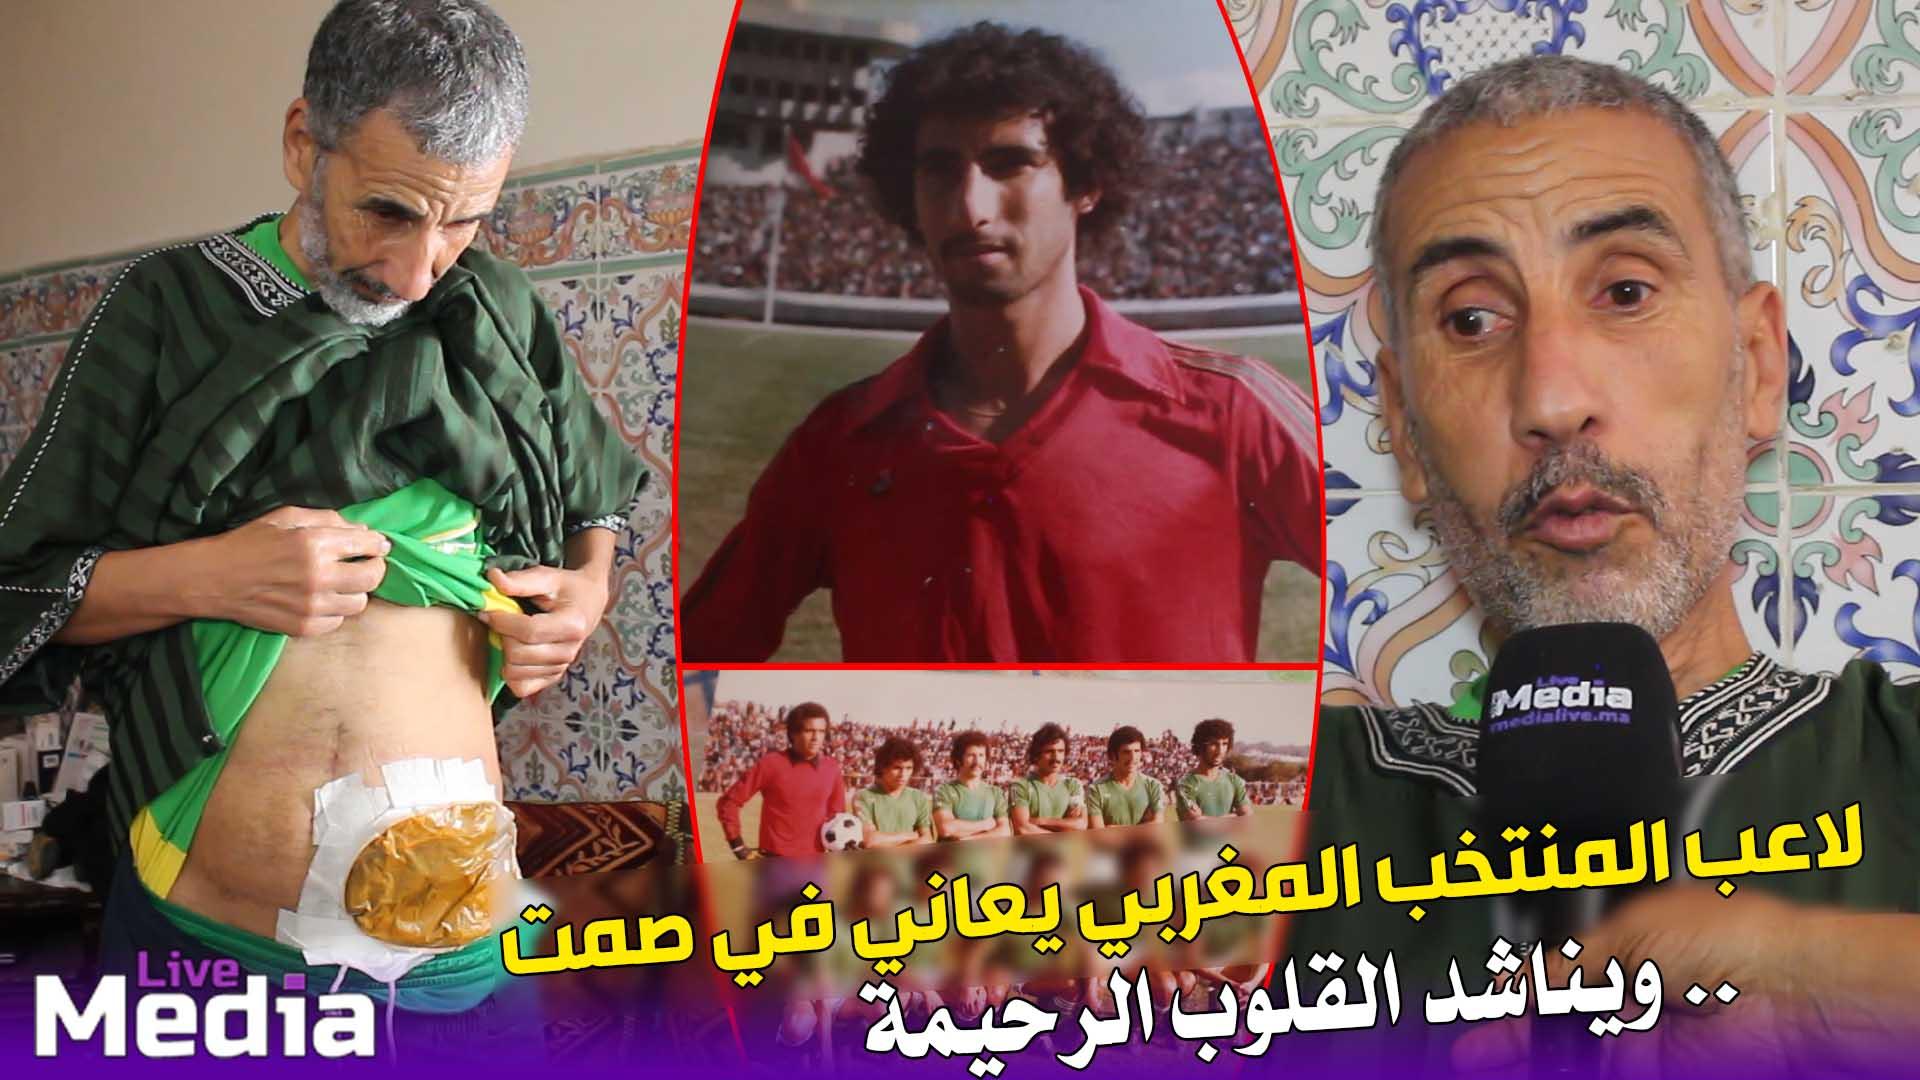 لاعب المنتخب المغربي واتحاد المحمدية سابقا يعاني في صمت .. ويناشد القلوب الرحيمة